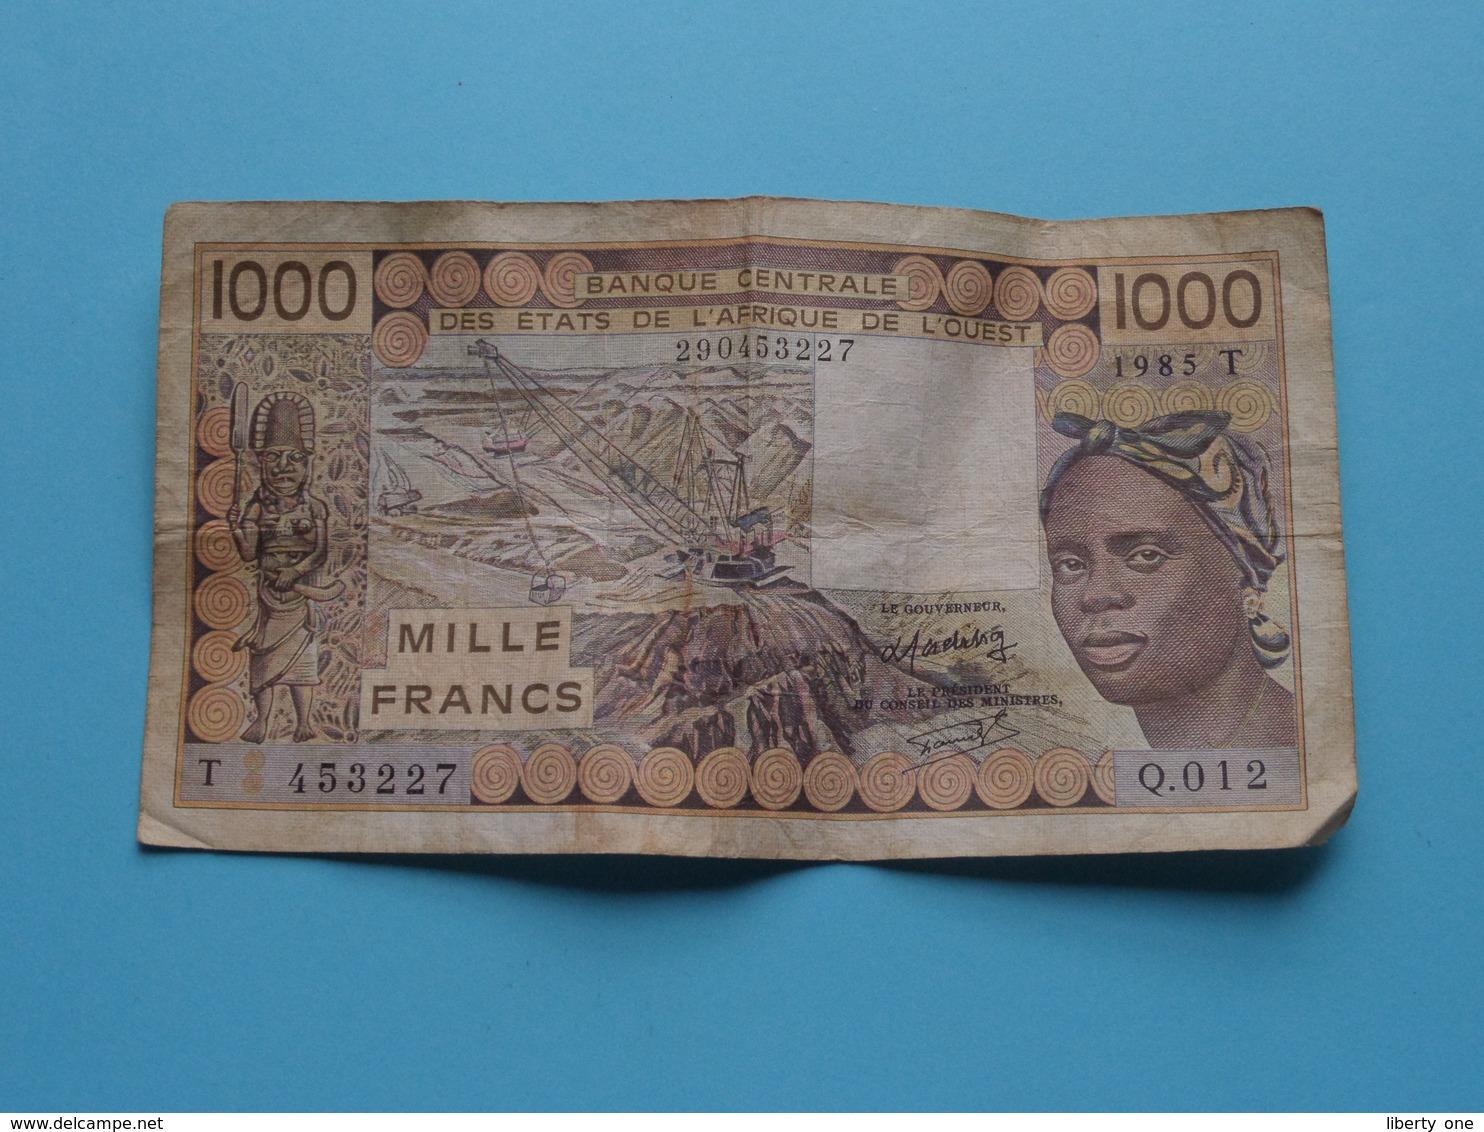 1000 ( Mille ) FRANCS Banque Centrale Des Etats De L'AFRIQUE De L'OUEST 290453227 ( T 453227 - 1985 ) ! - West-Afrikaanse Staten